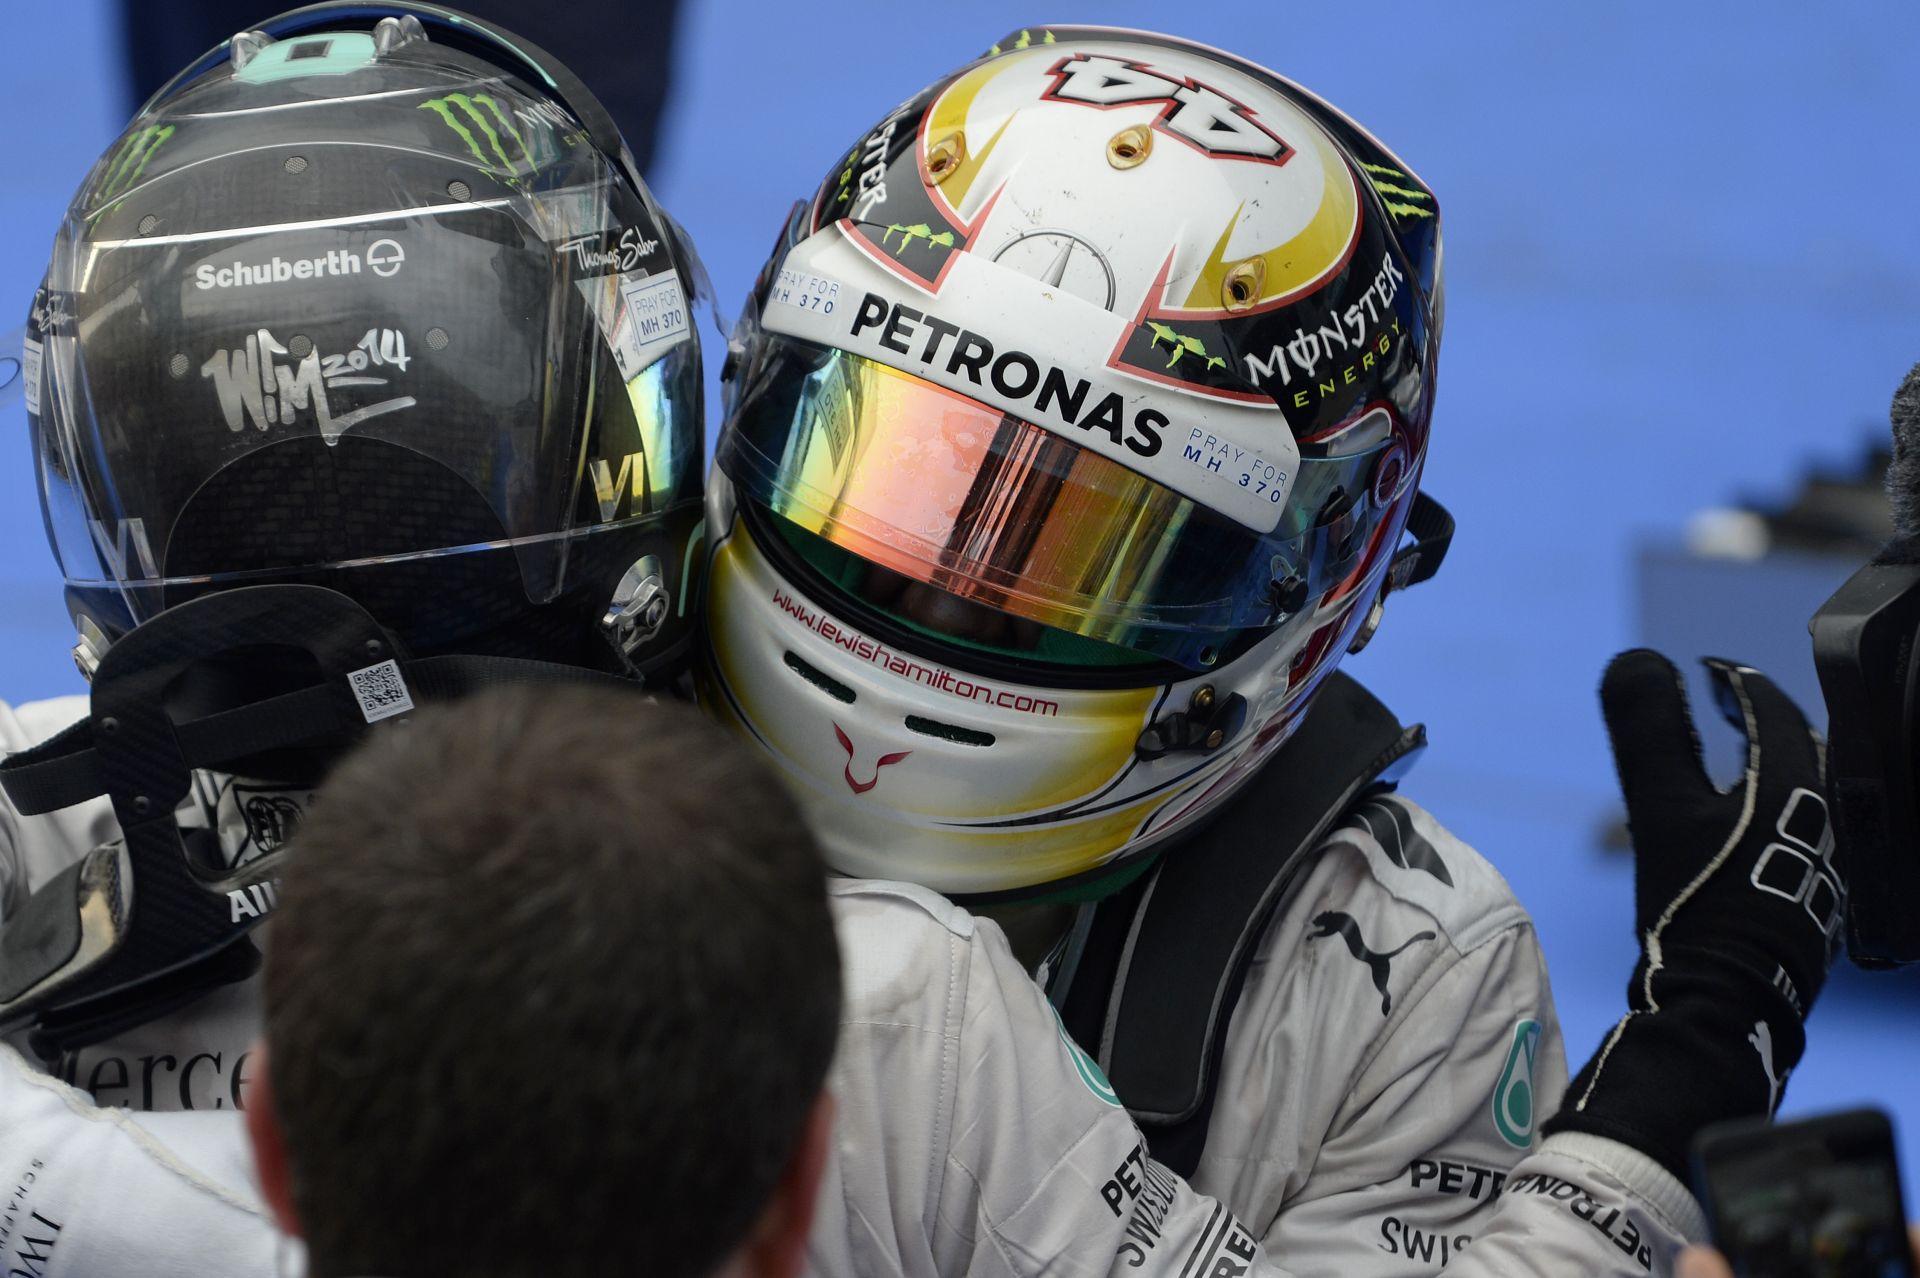 Hamilton: Soha ezelőtt nem vezettem még ilyen jó autót!